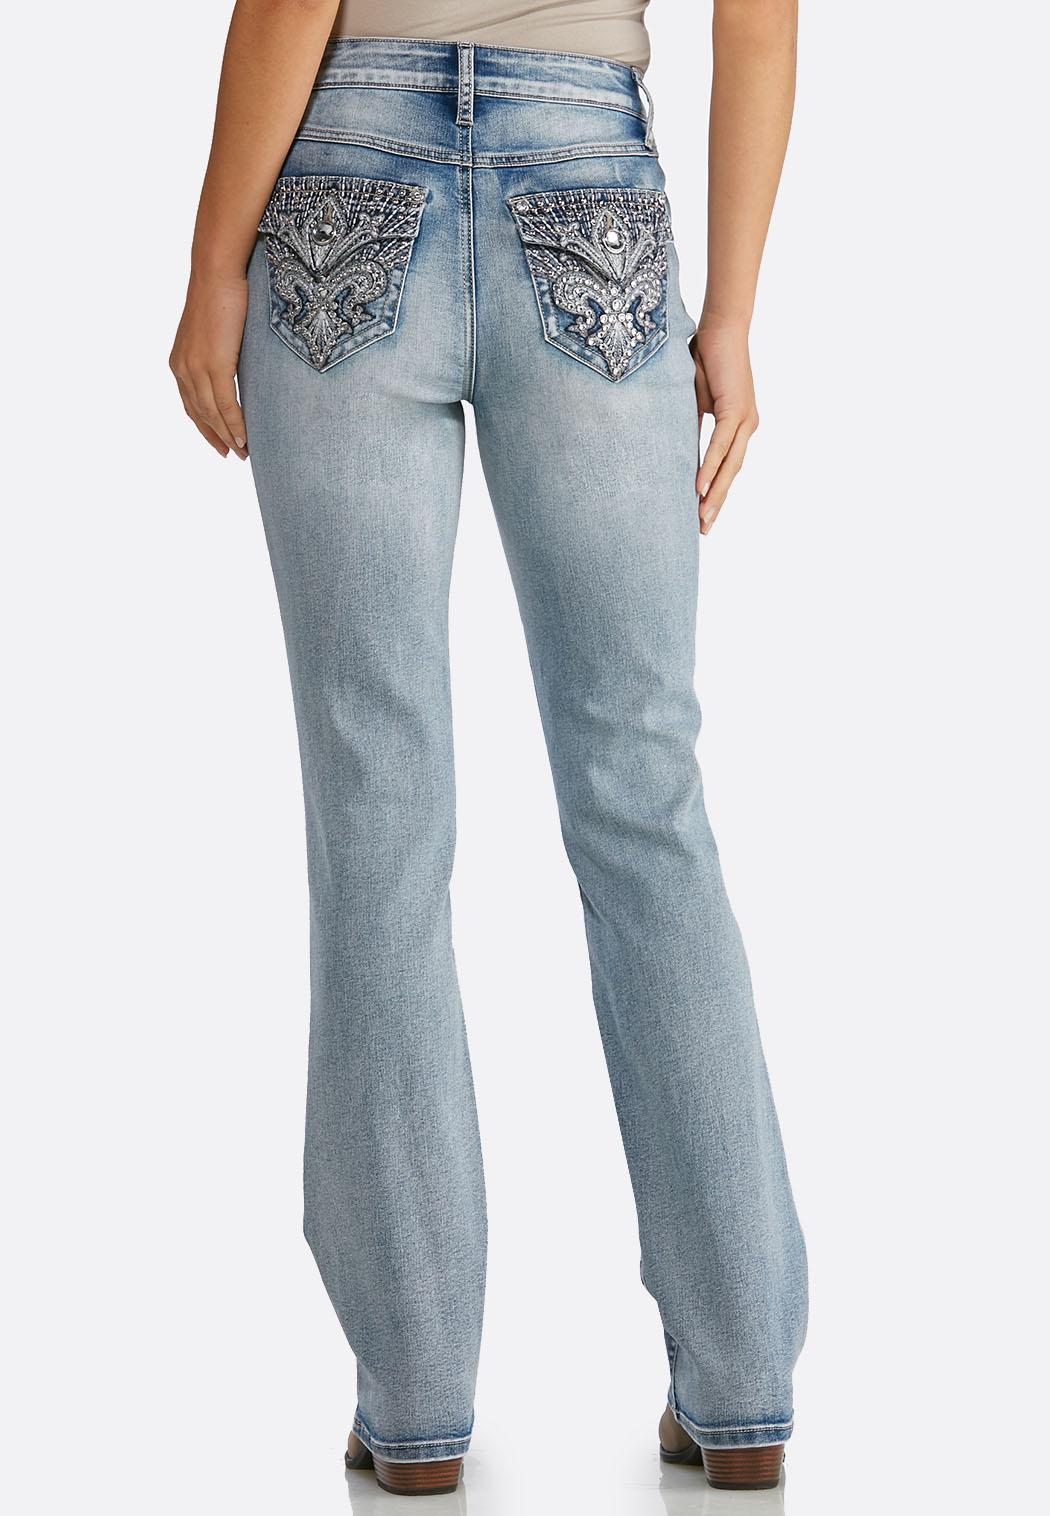 Fleur De Lis Pocket Jeans